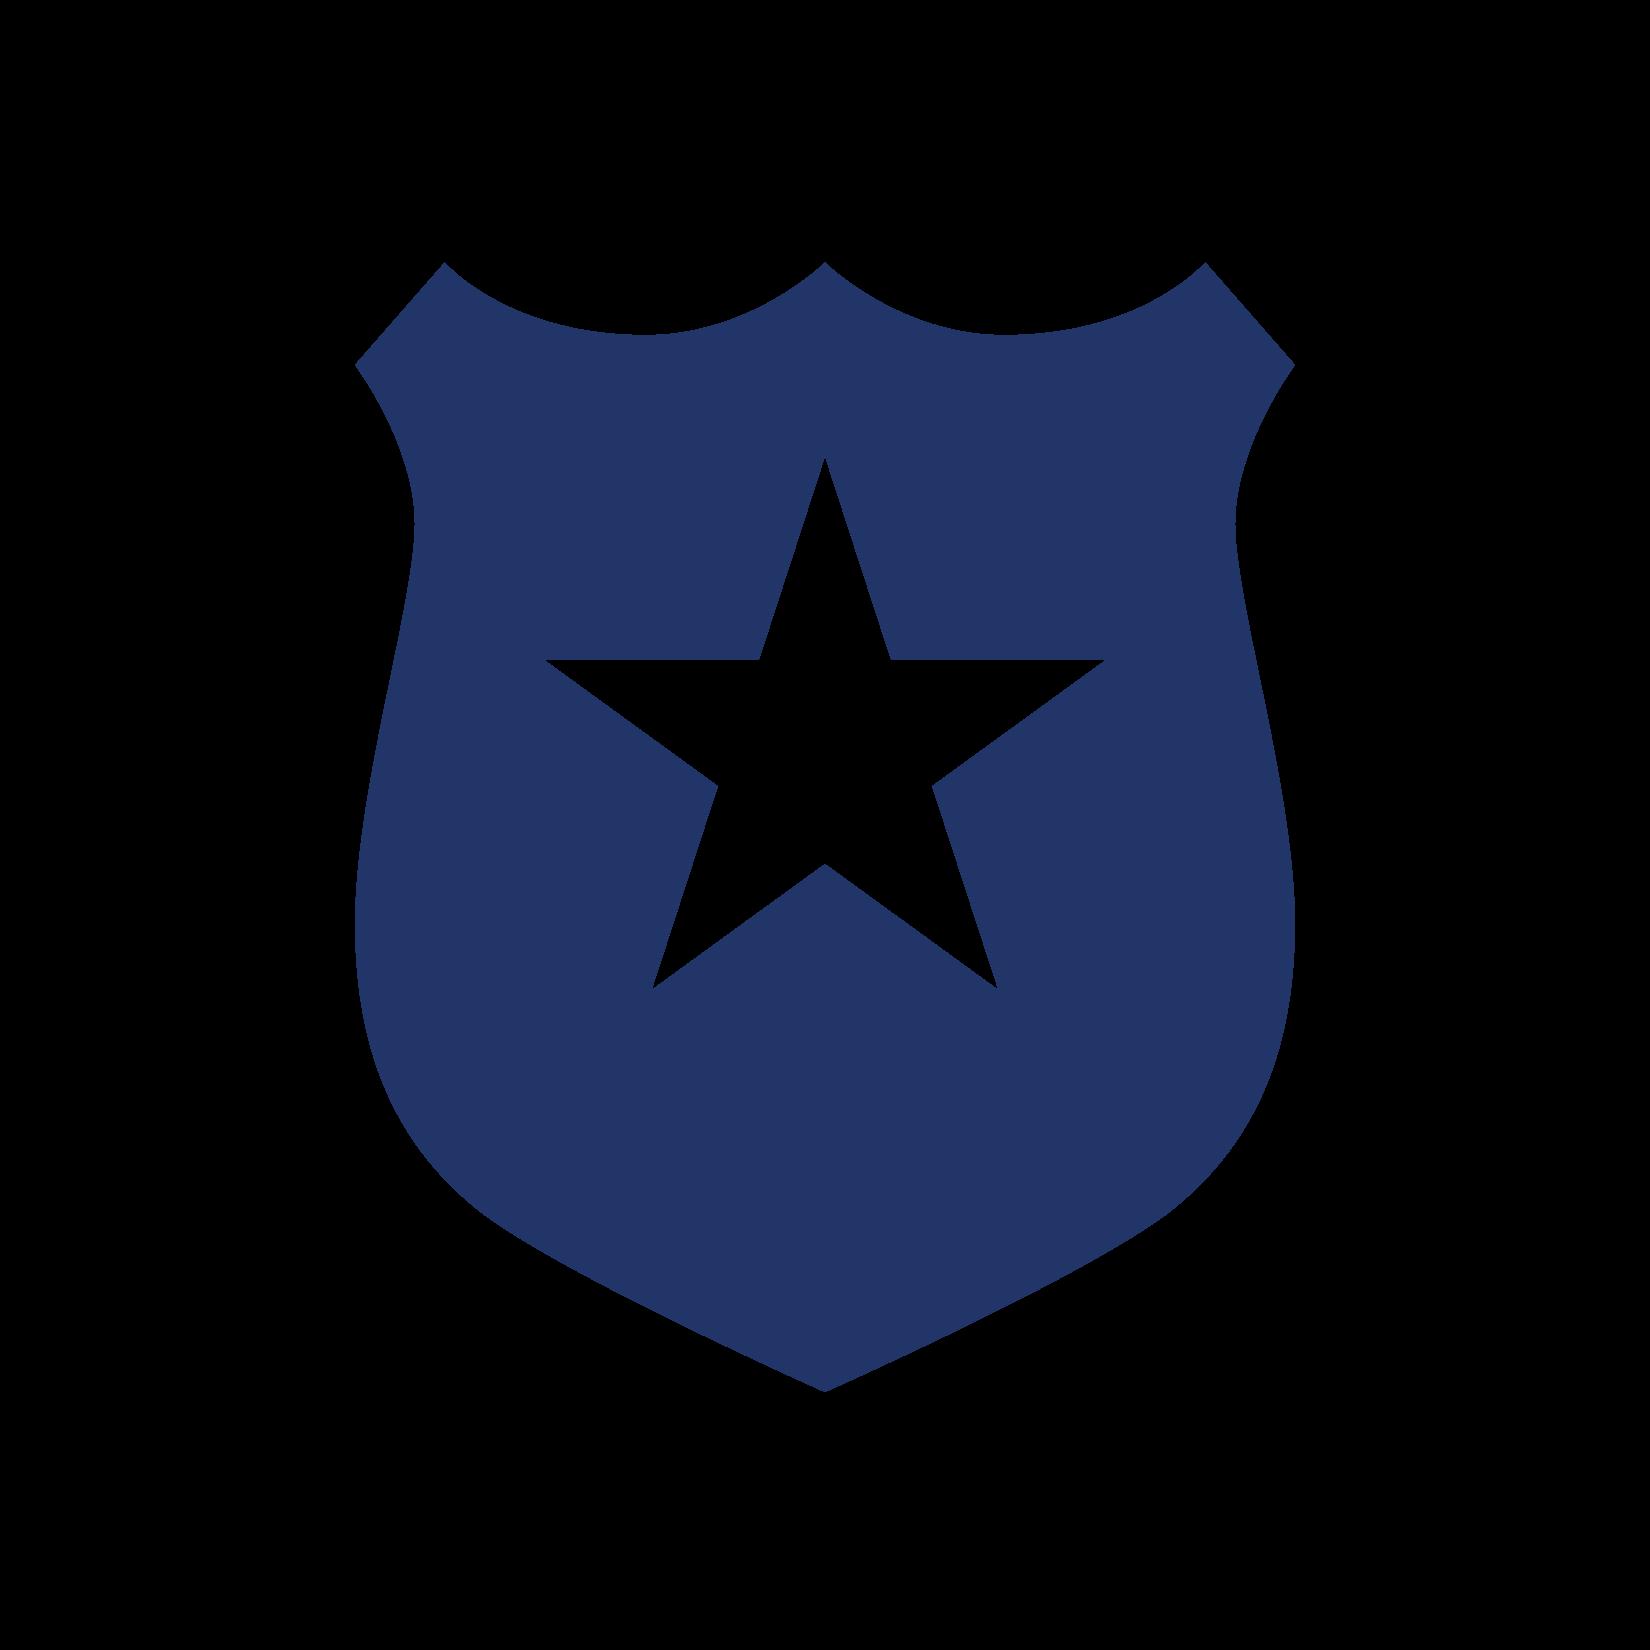 Defense & Law Enforcement - Chlorine The Element of Surprise